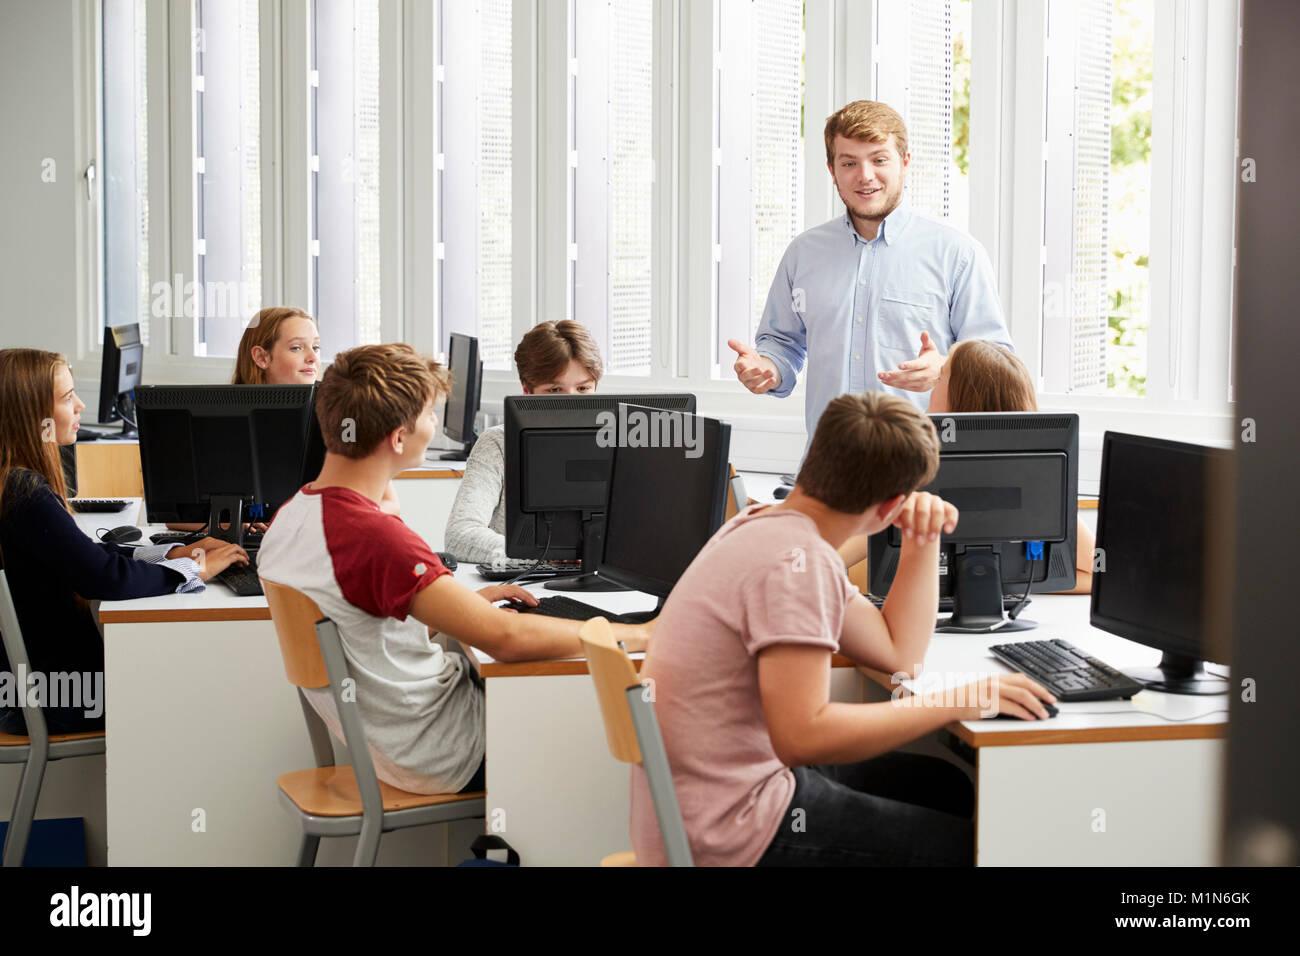 Les étudiants qui étudient en classe avec l'enseignant Photo Stock